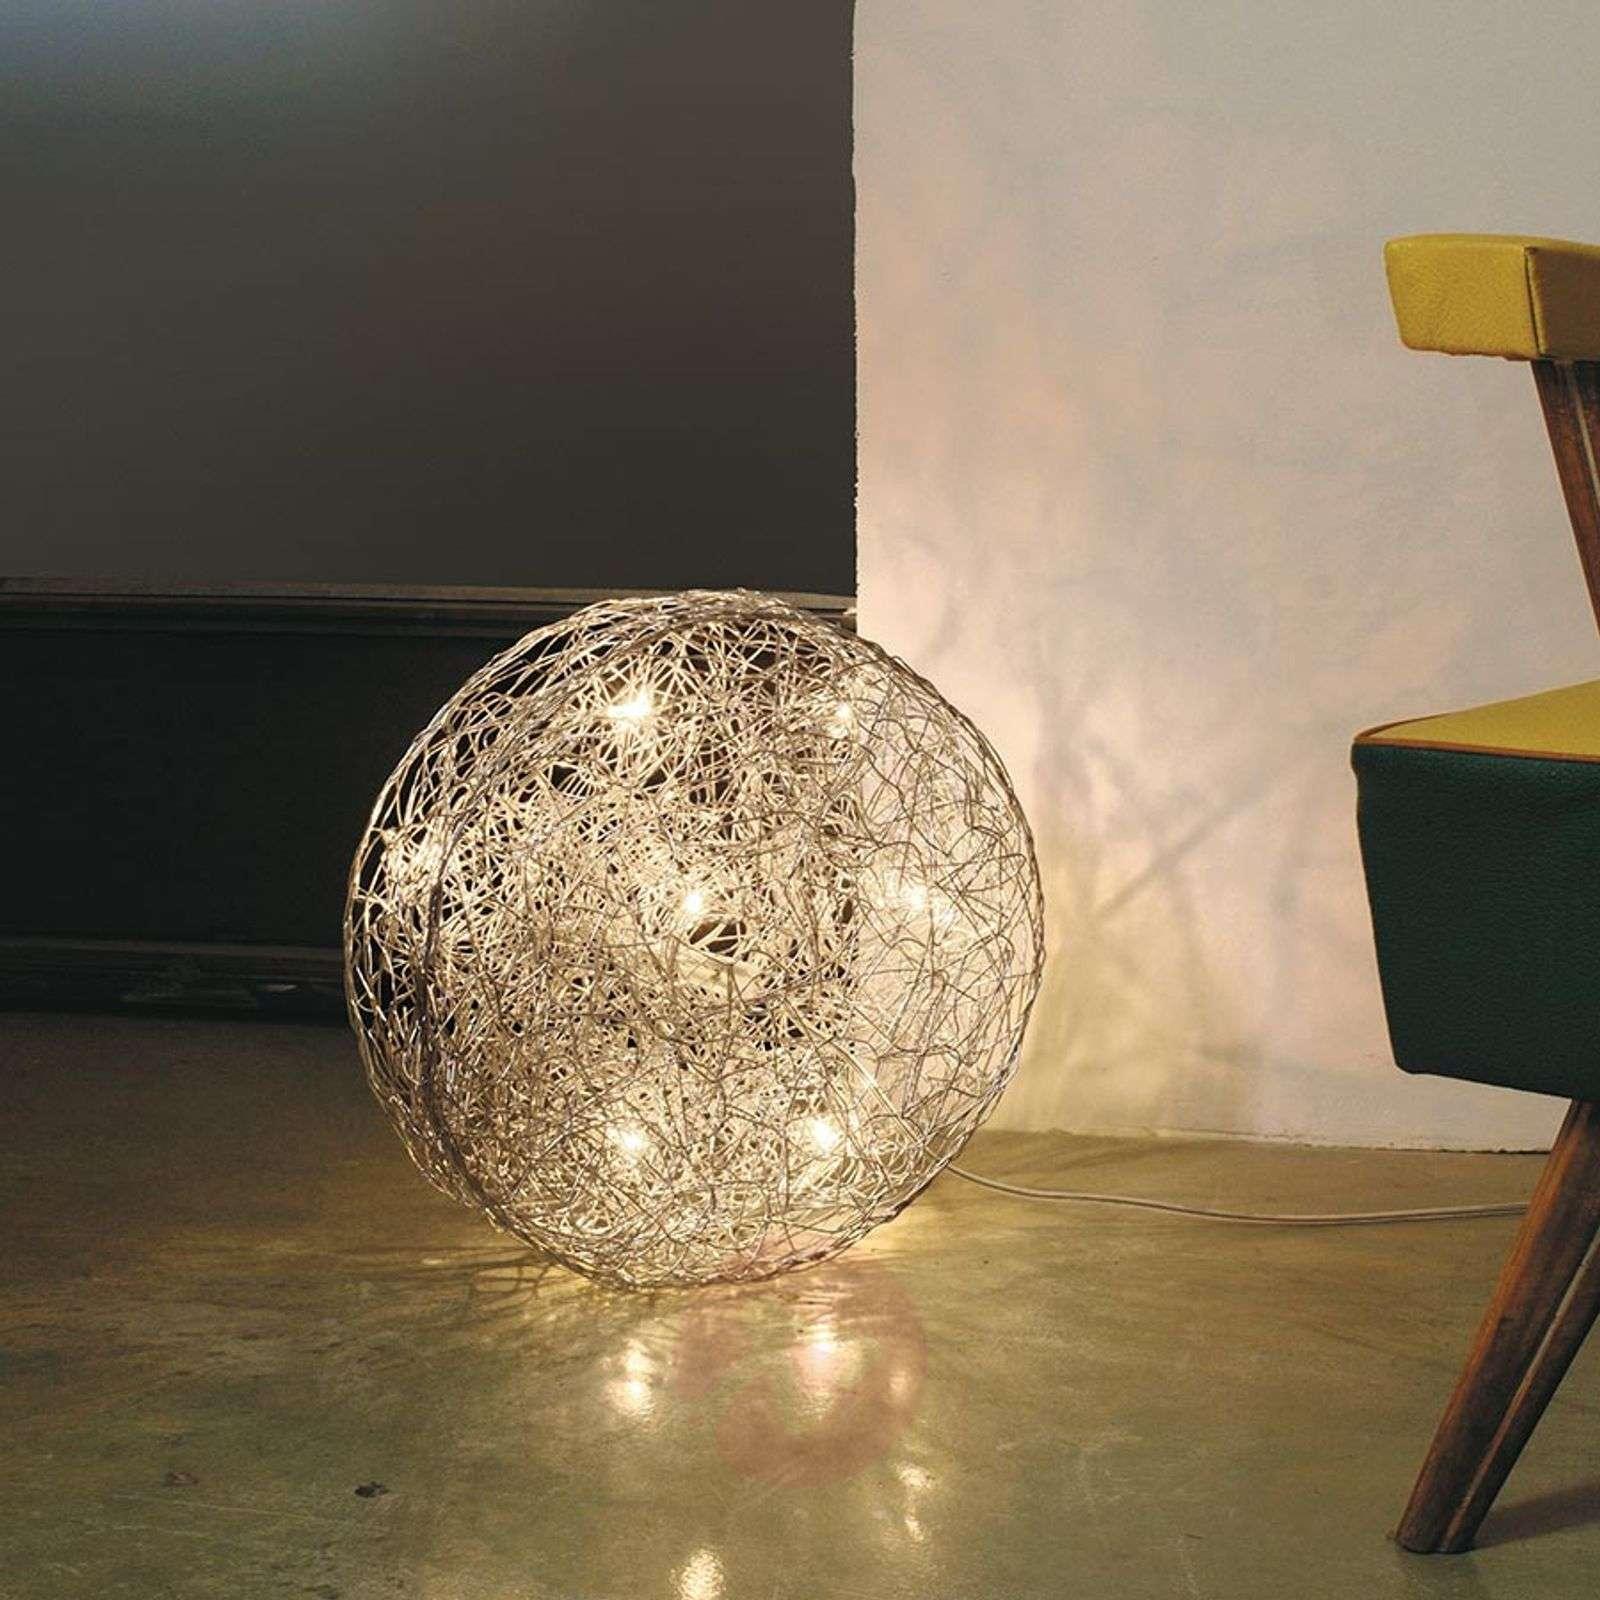 Designer floor lamp Rotola, 40 cm diameter-5538047-01